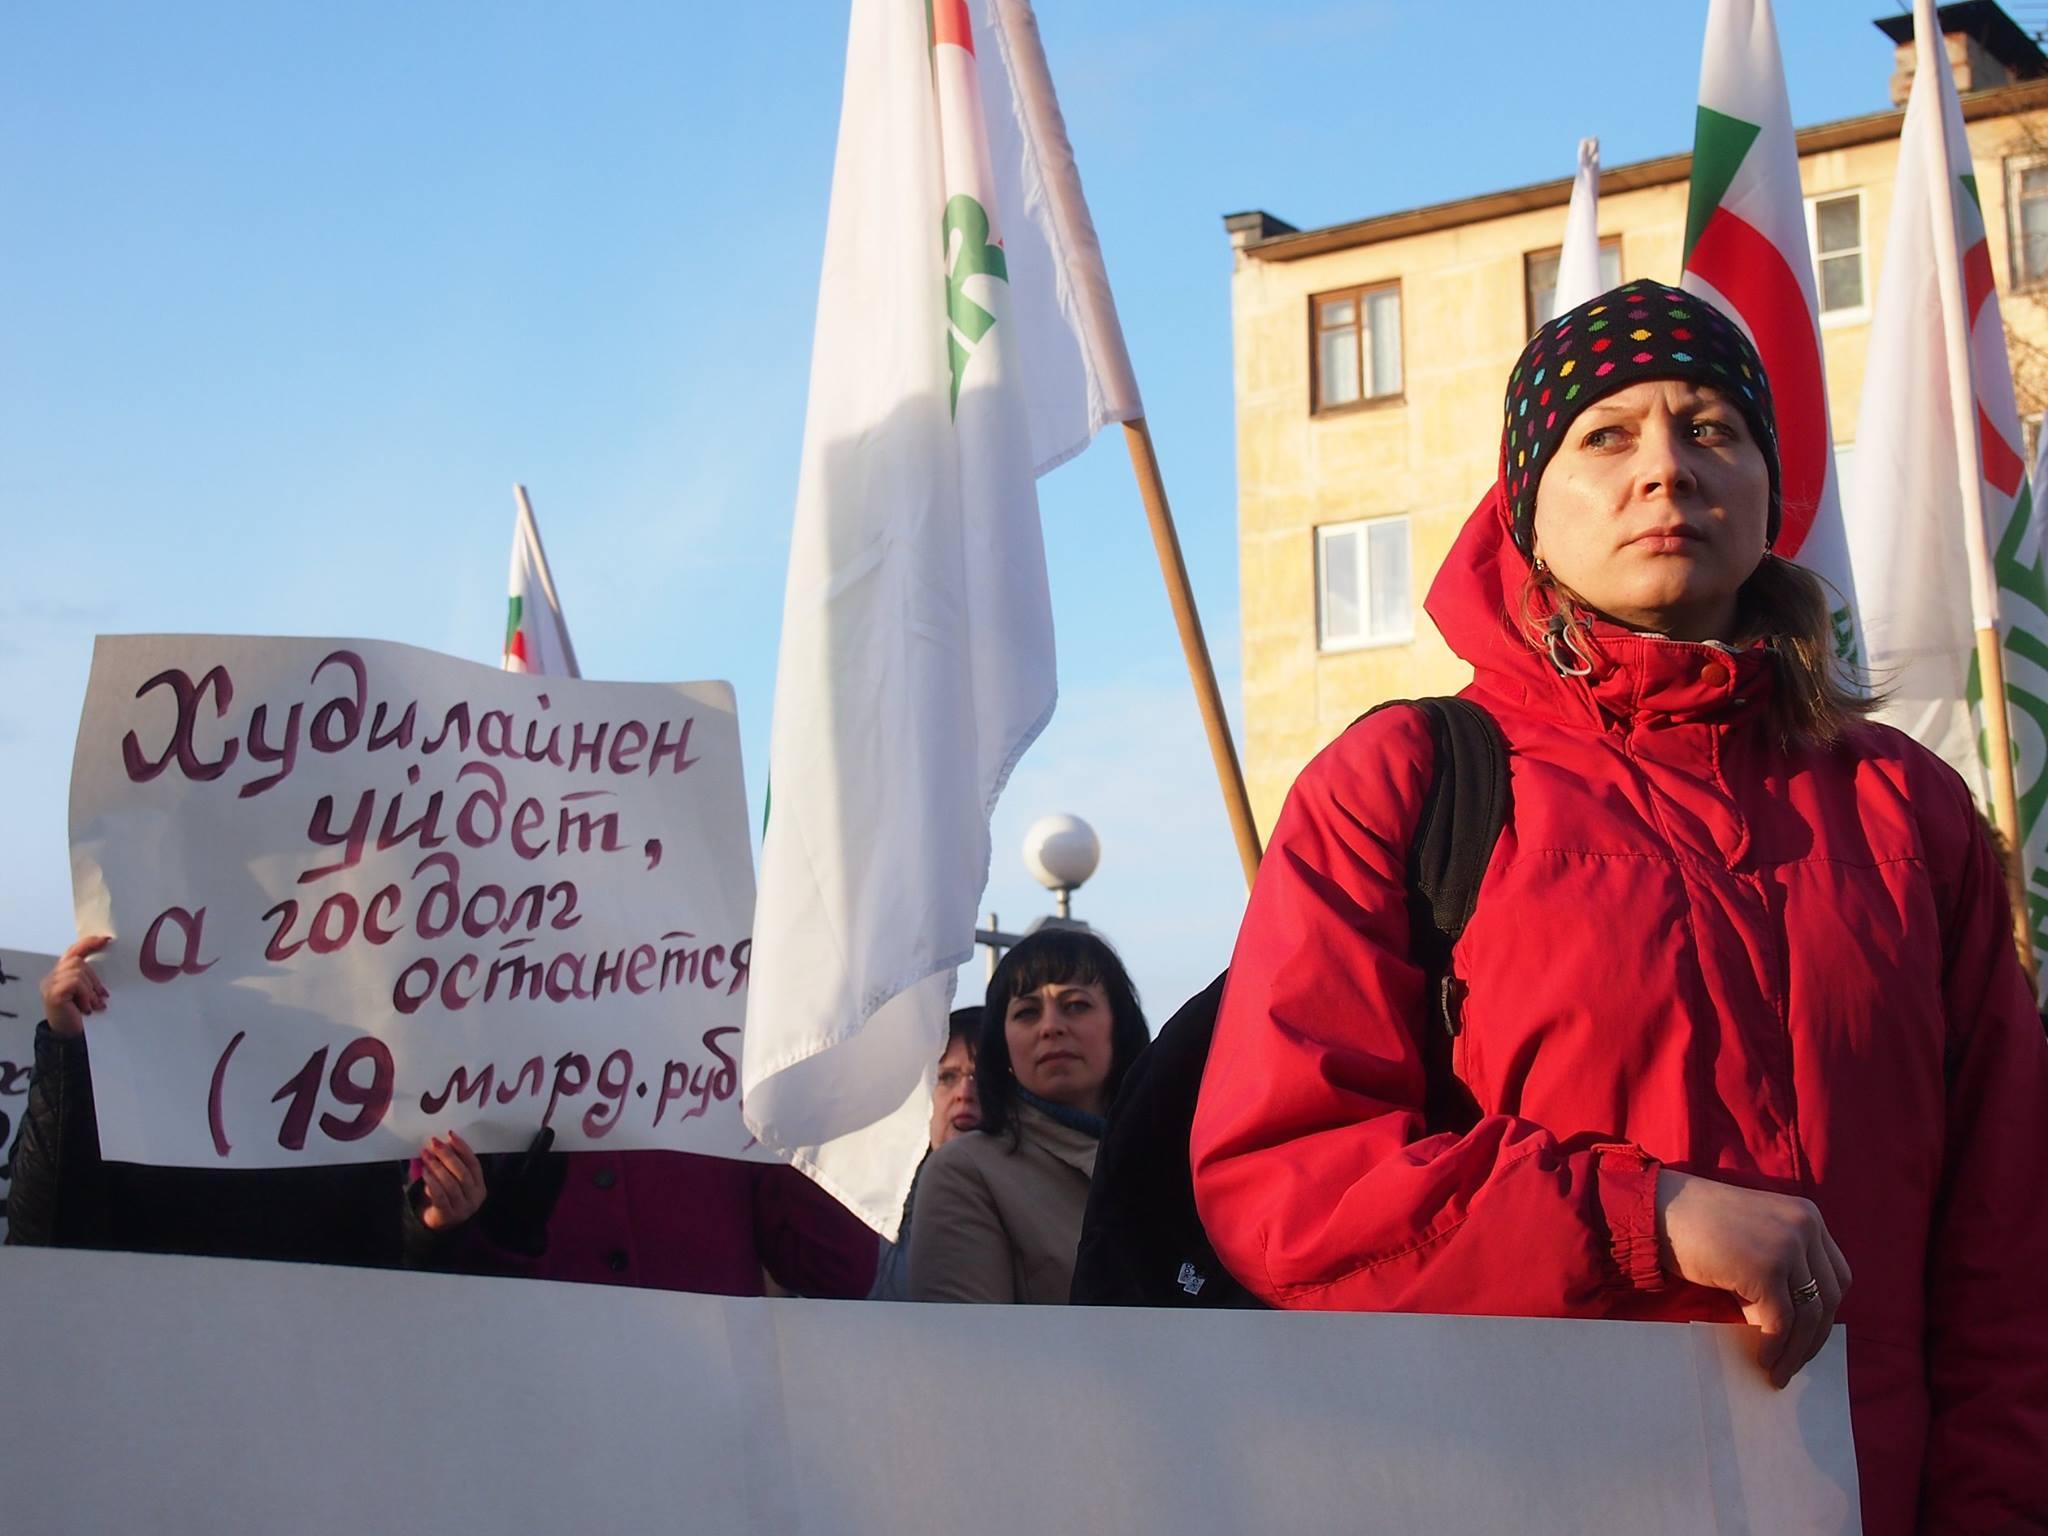 Огромный госдолг Карелии - одна из главных претензий оппозиции к нынешнему республиканскому руководству. Фото: Валерий Поташов